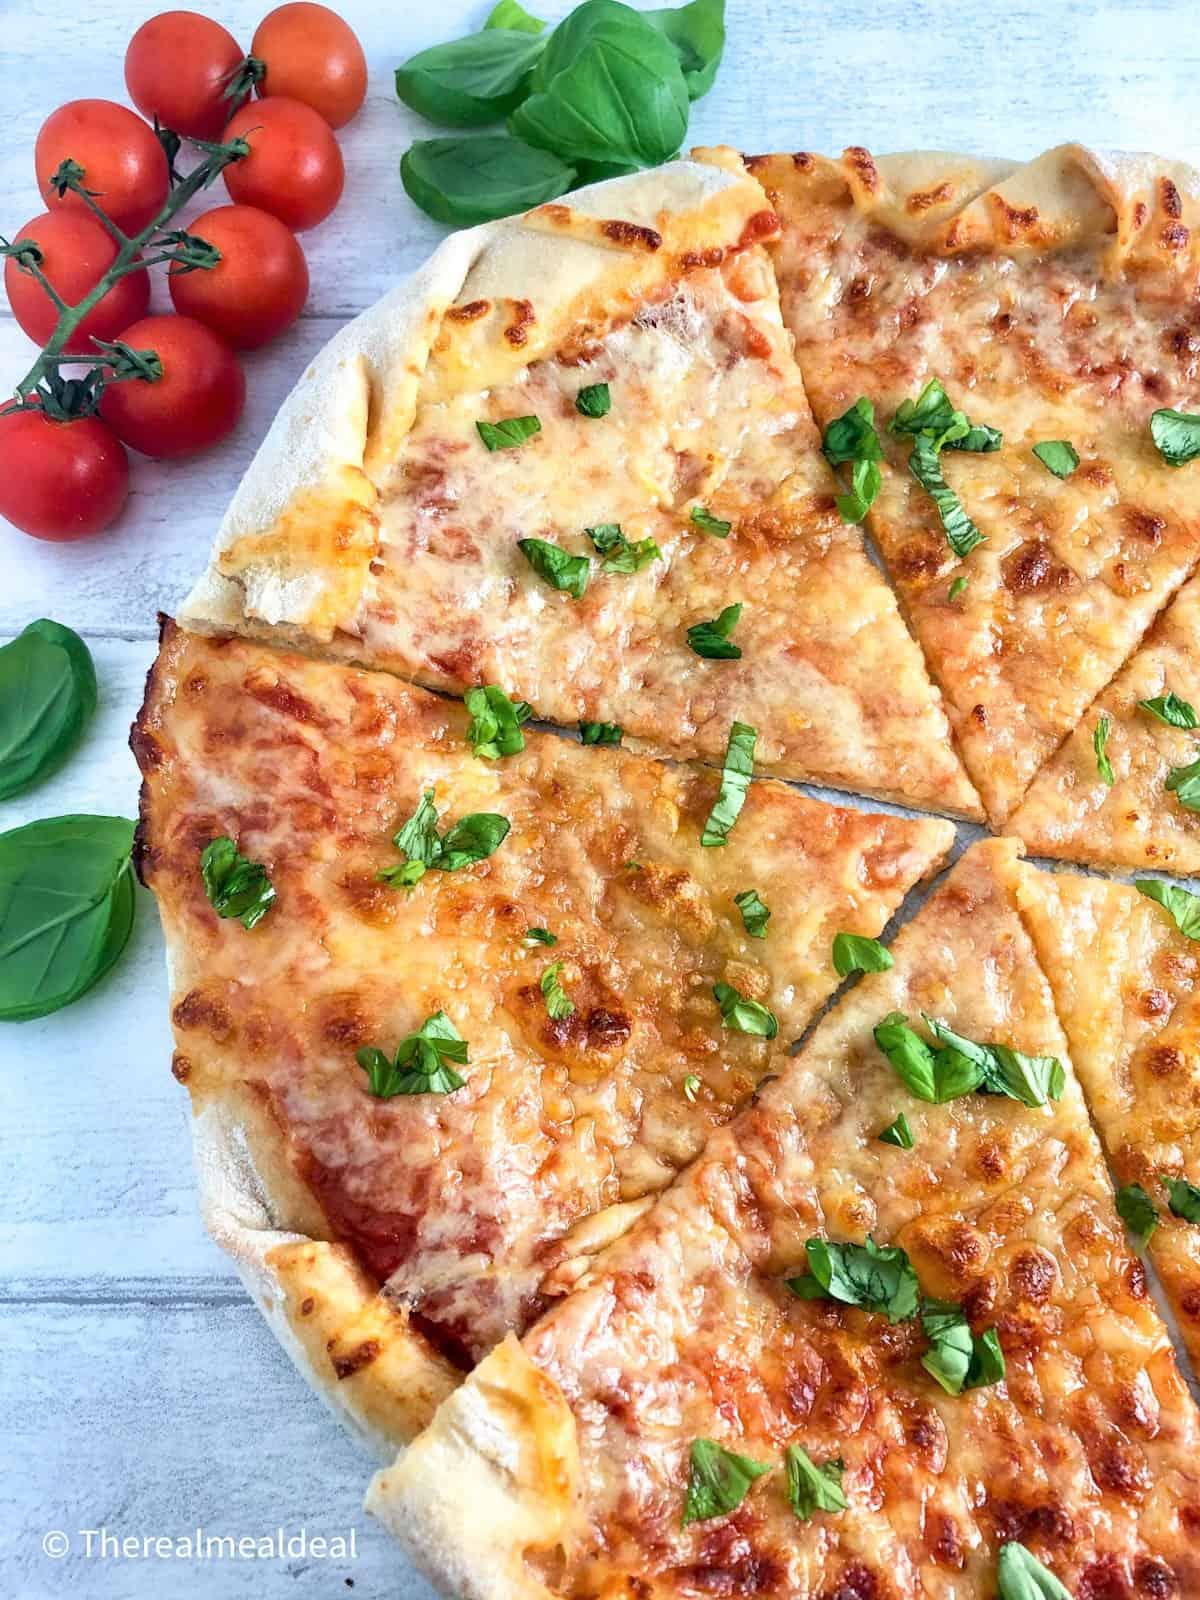 sliced homemade margarita pizza